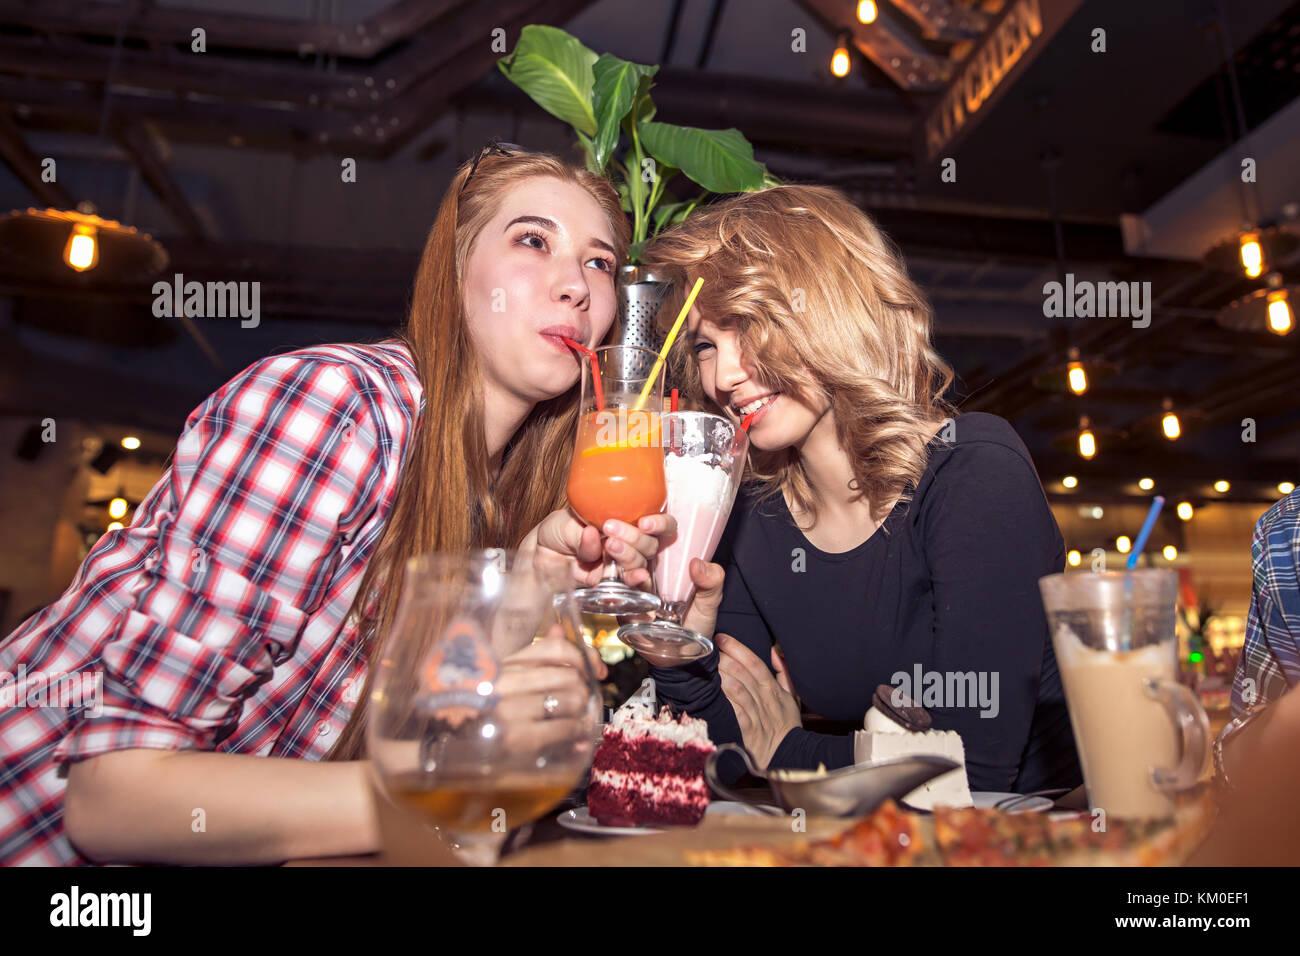 Mujer joven bebiendo malteadas mientras estaba sentado con amigos en el café Imagen De Stock